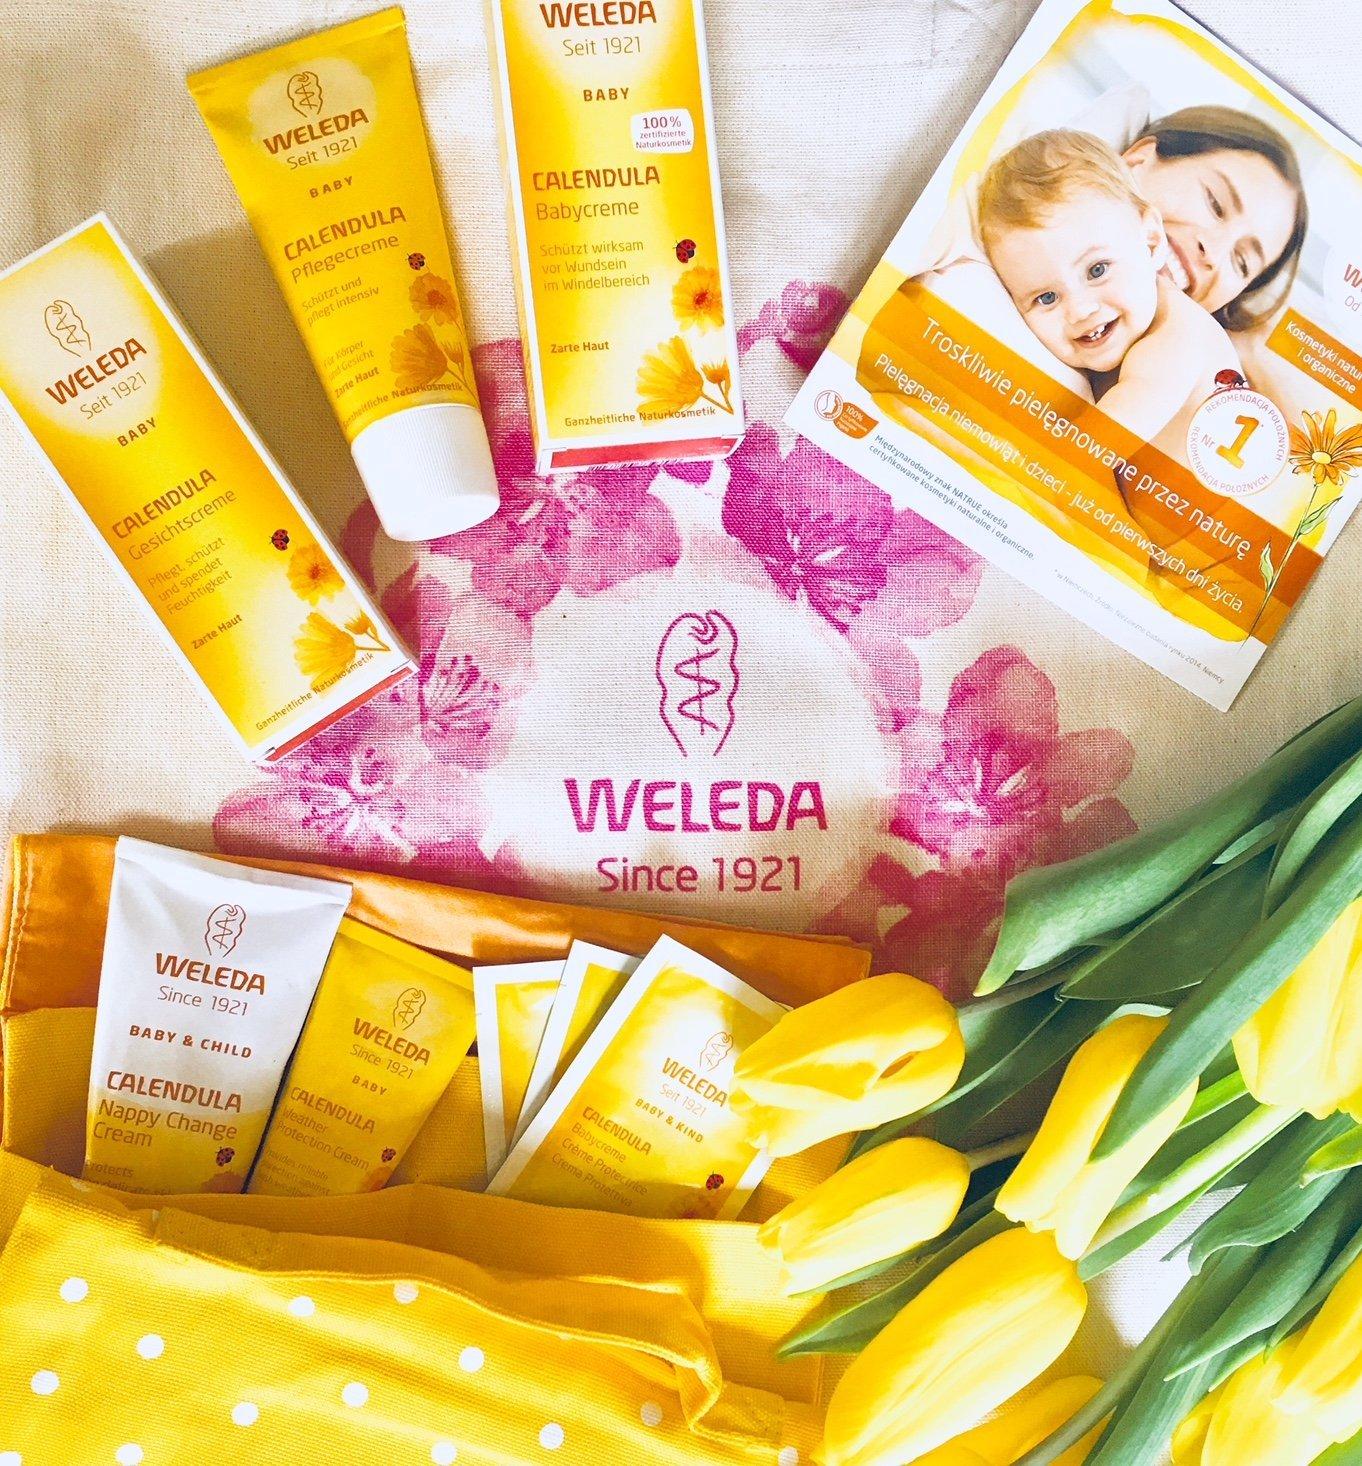 Odpowiedz na pytanie konkursowe i wygraj zestaw produktów firmy Weleda!